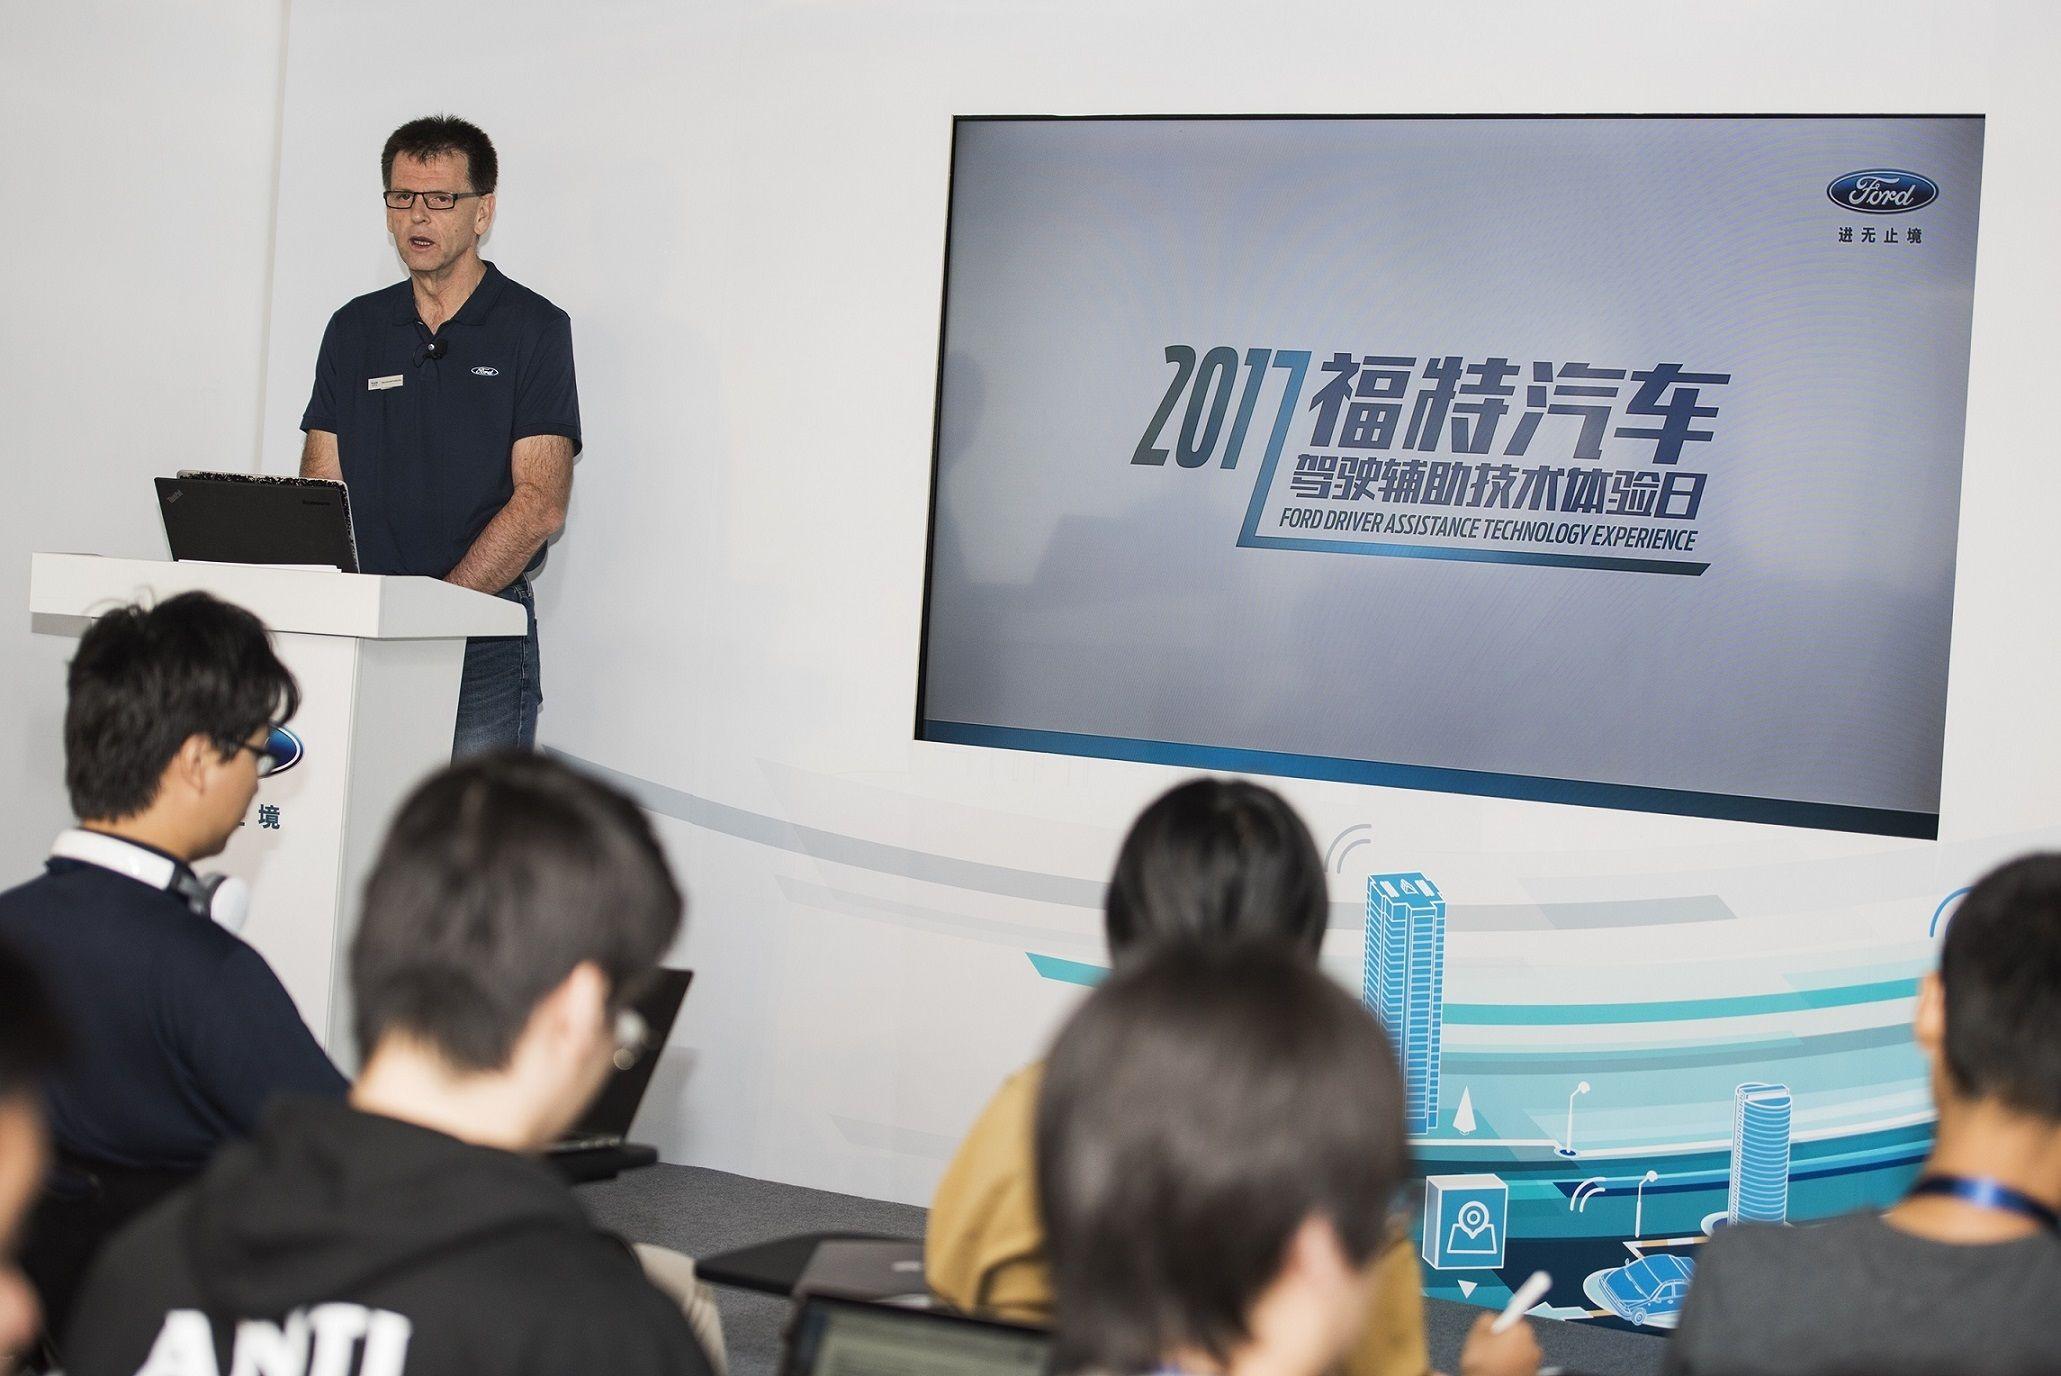 福特汽车亚太区产品开发副总裁韦盛廷(Trevor Worthington)先生阐释在国家智能网联汽车(上海)试点示范区进行驾驶辅助技术测试的重要意义.jpg